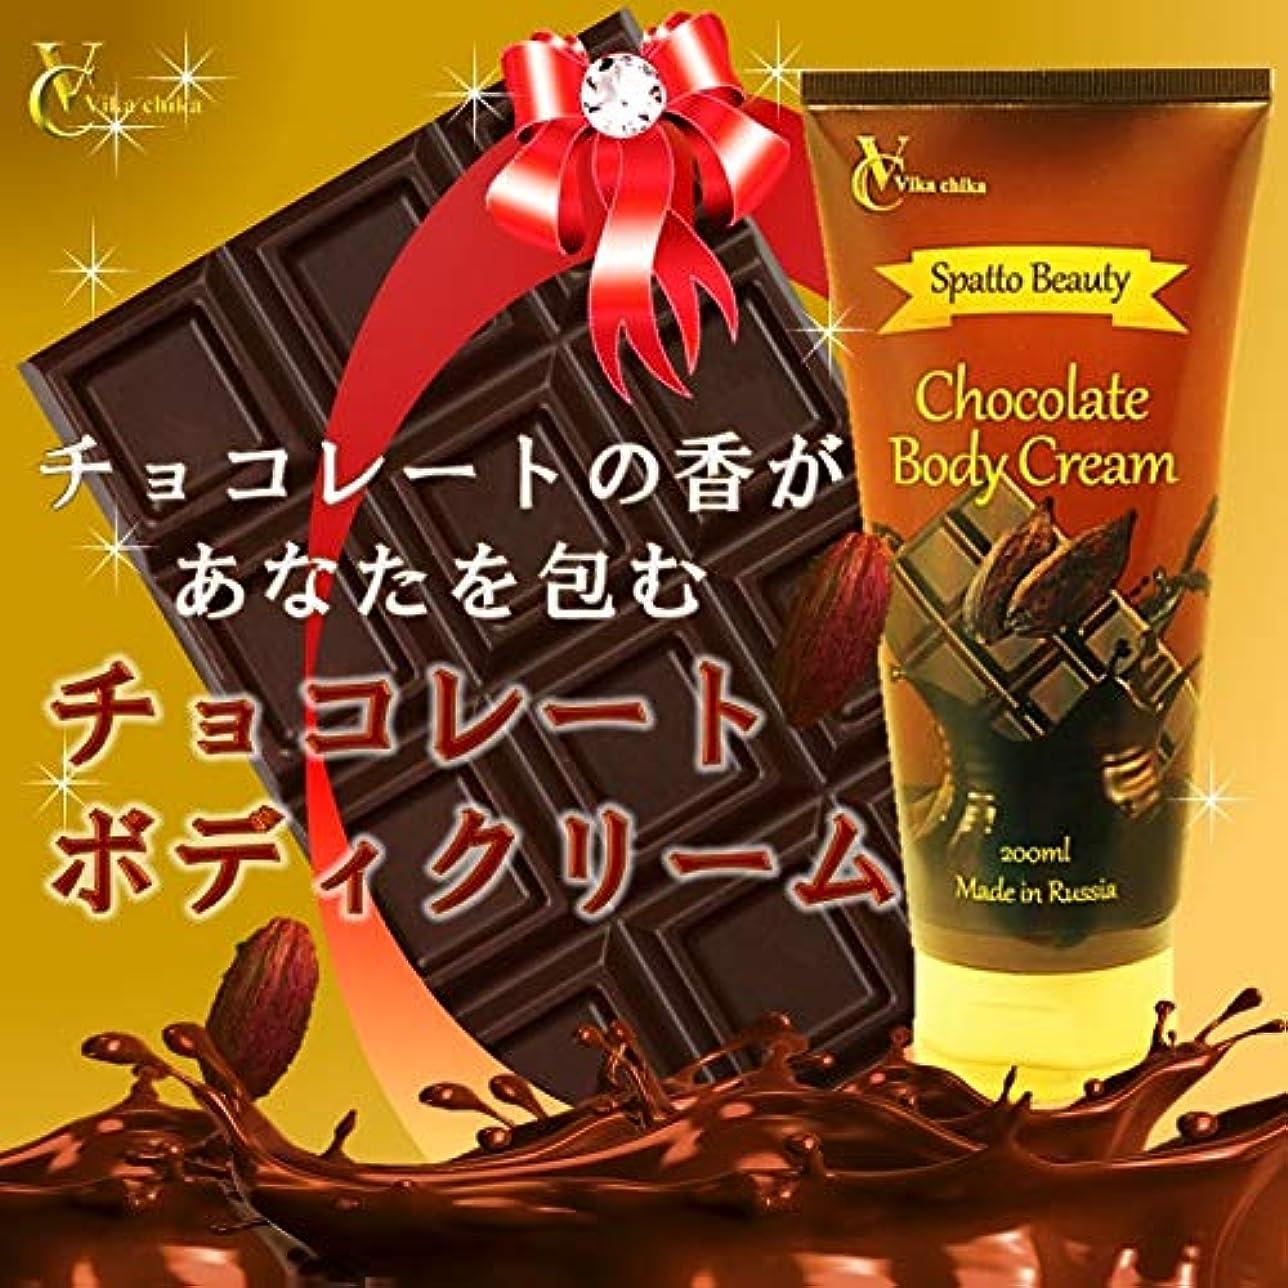 探偵中級ニュージーランドビッカチカ スパッと ビューティ チョコレートボディクリーム 200ml